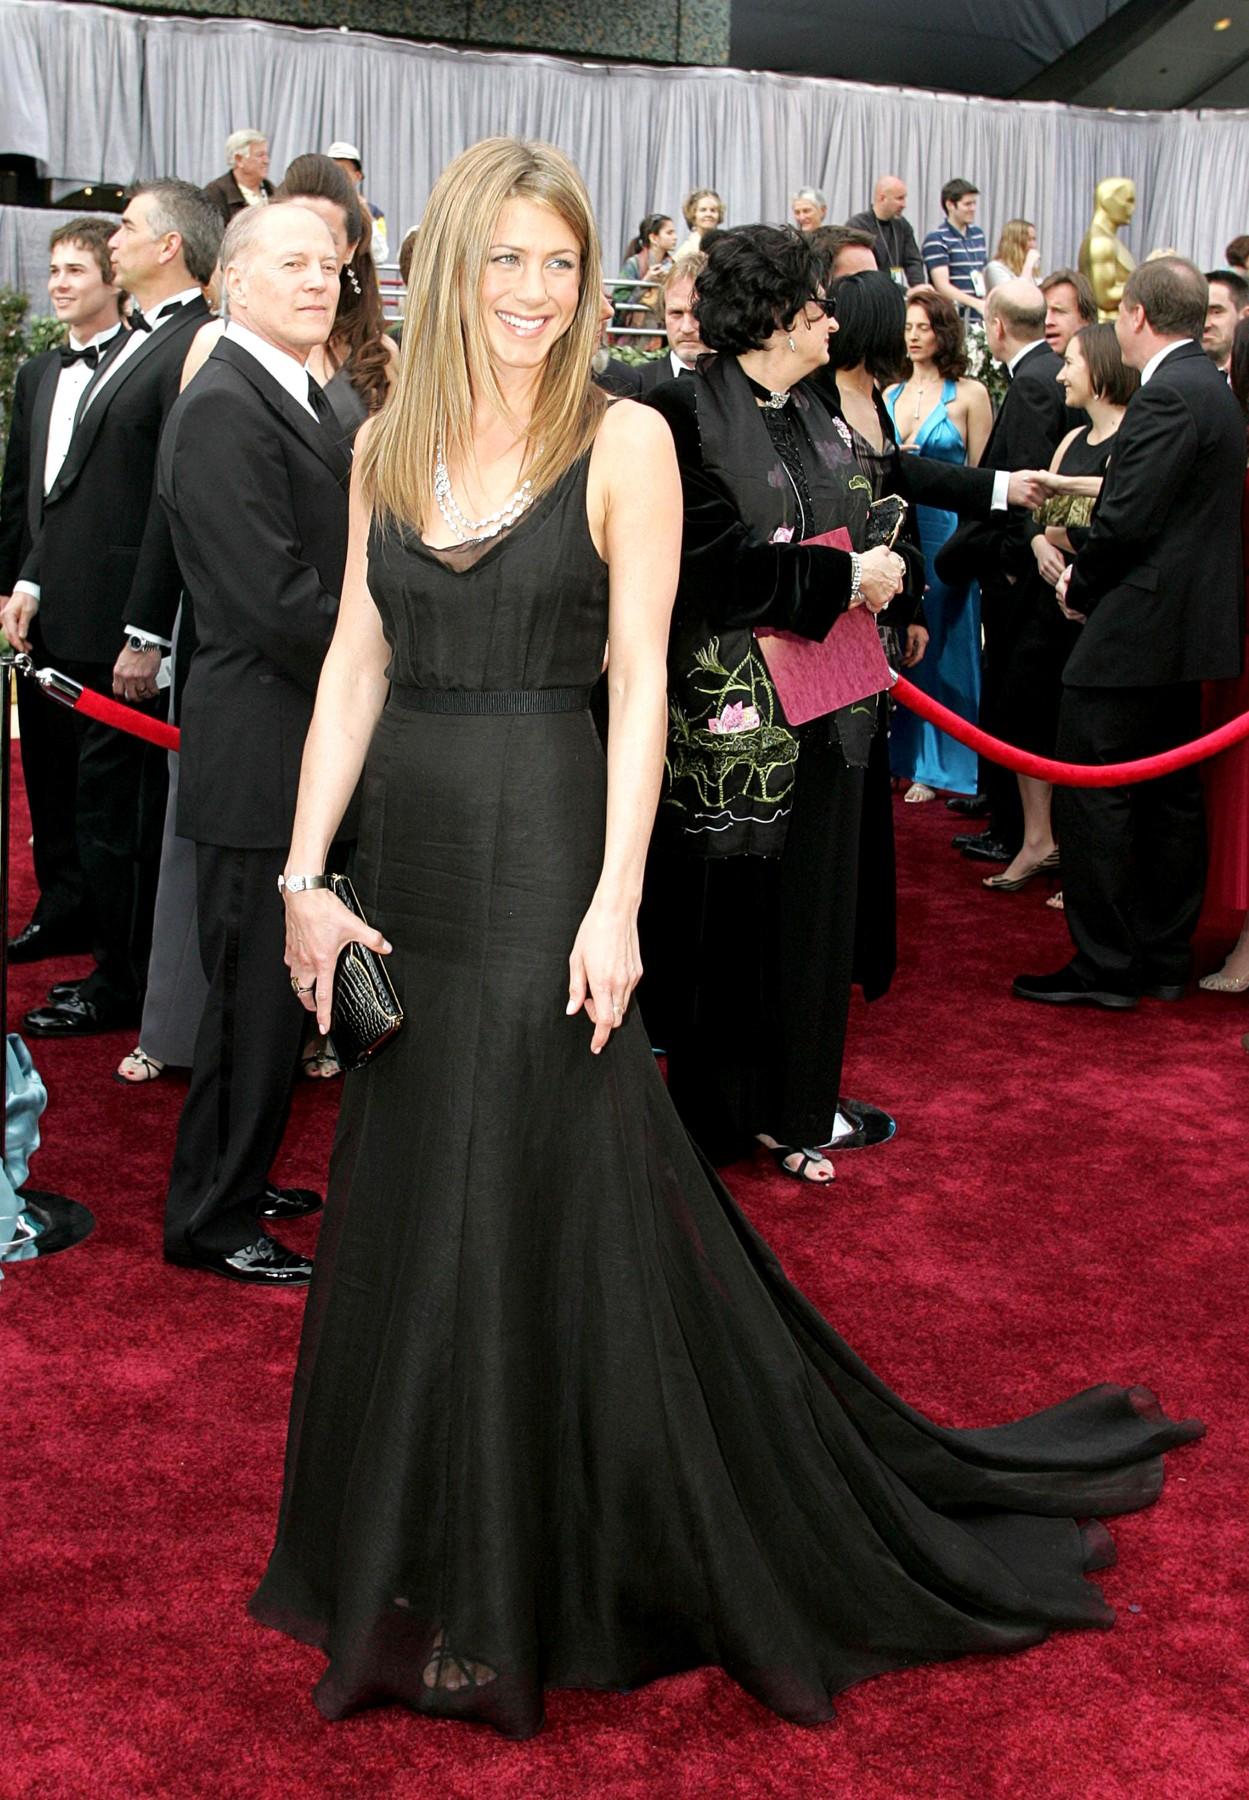 haljina dženifer aniston